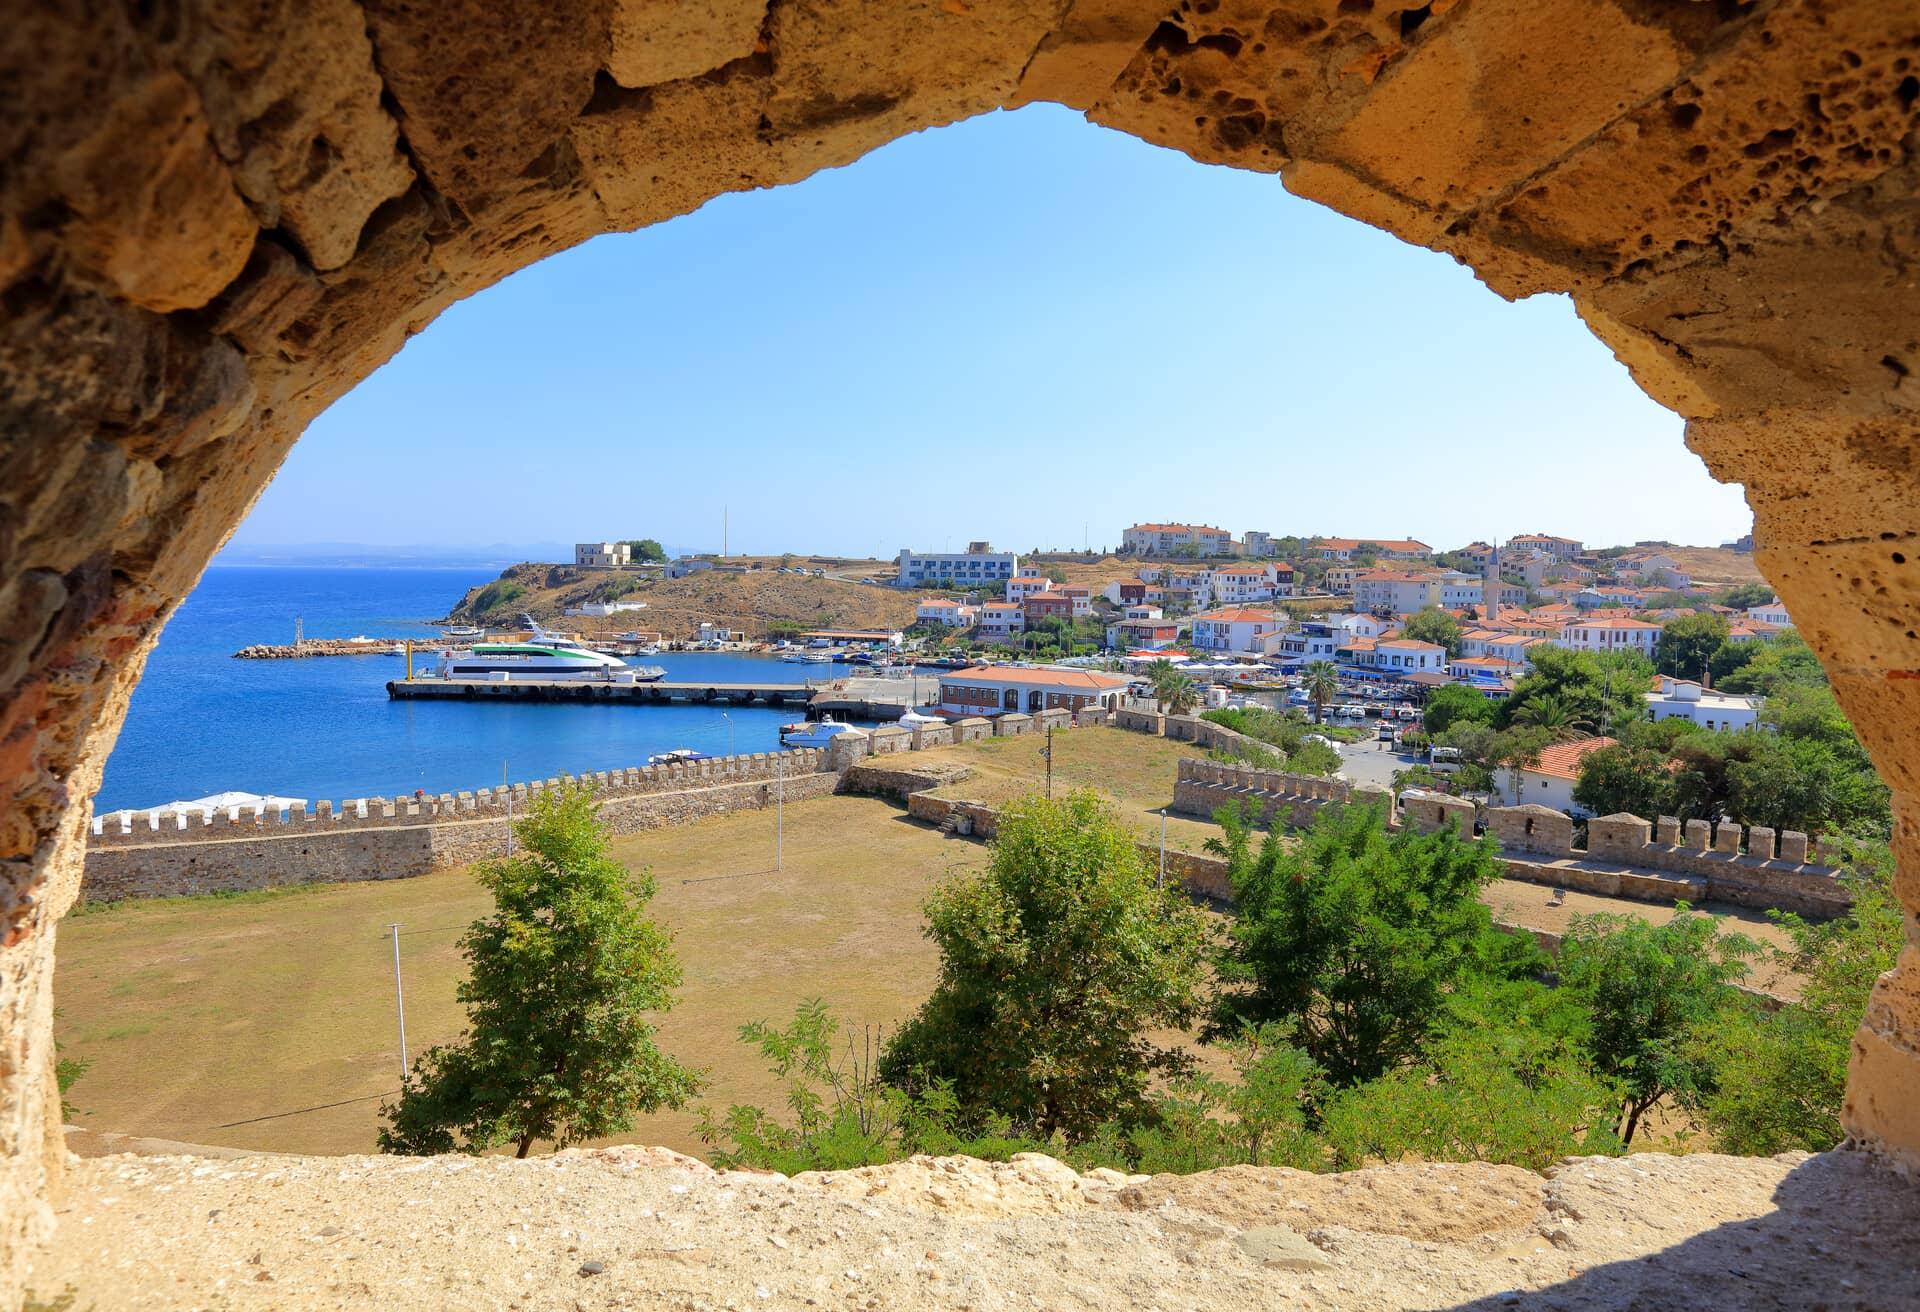 Vistas desde el castillo de Ténedos, en la isla de Bozcaasa, Turquía.